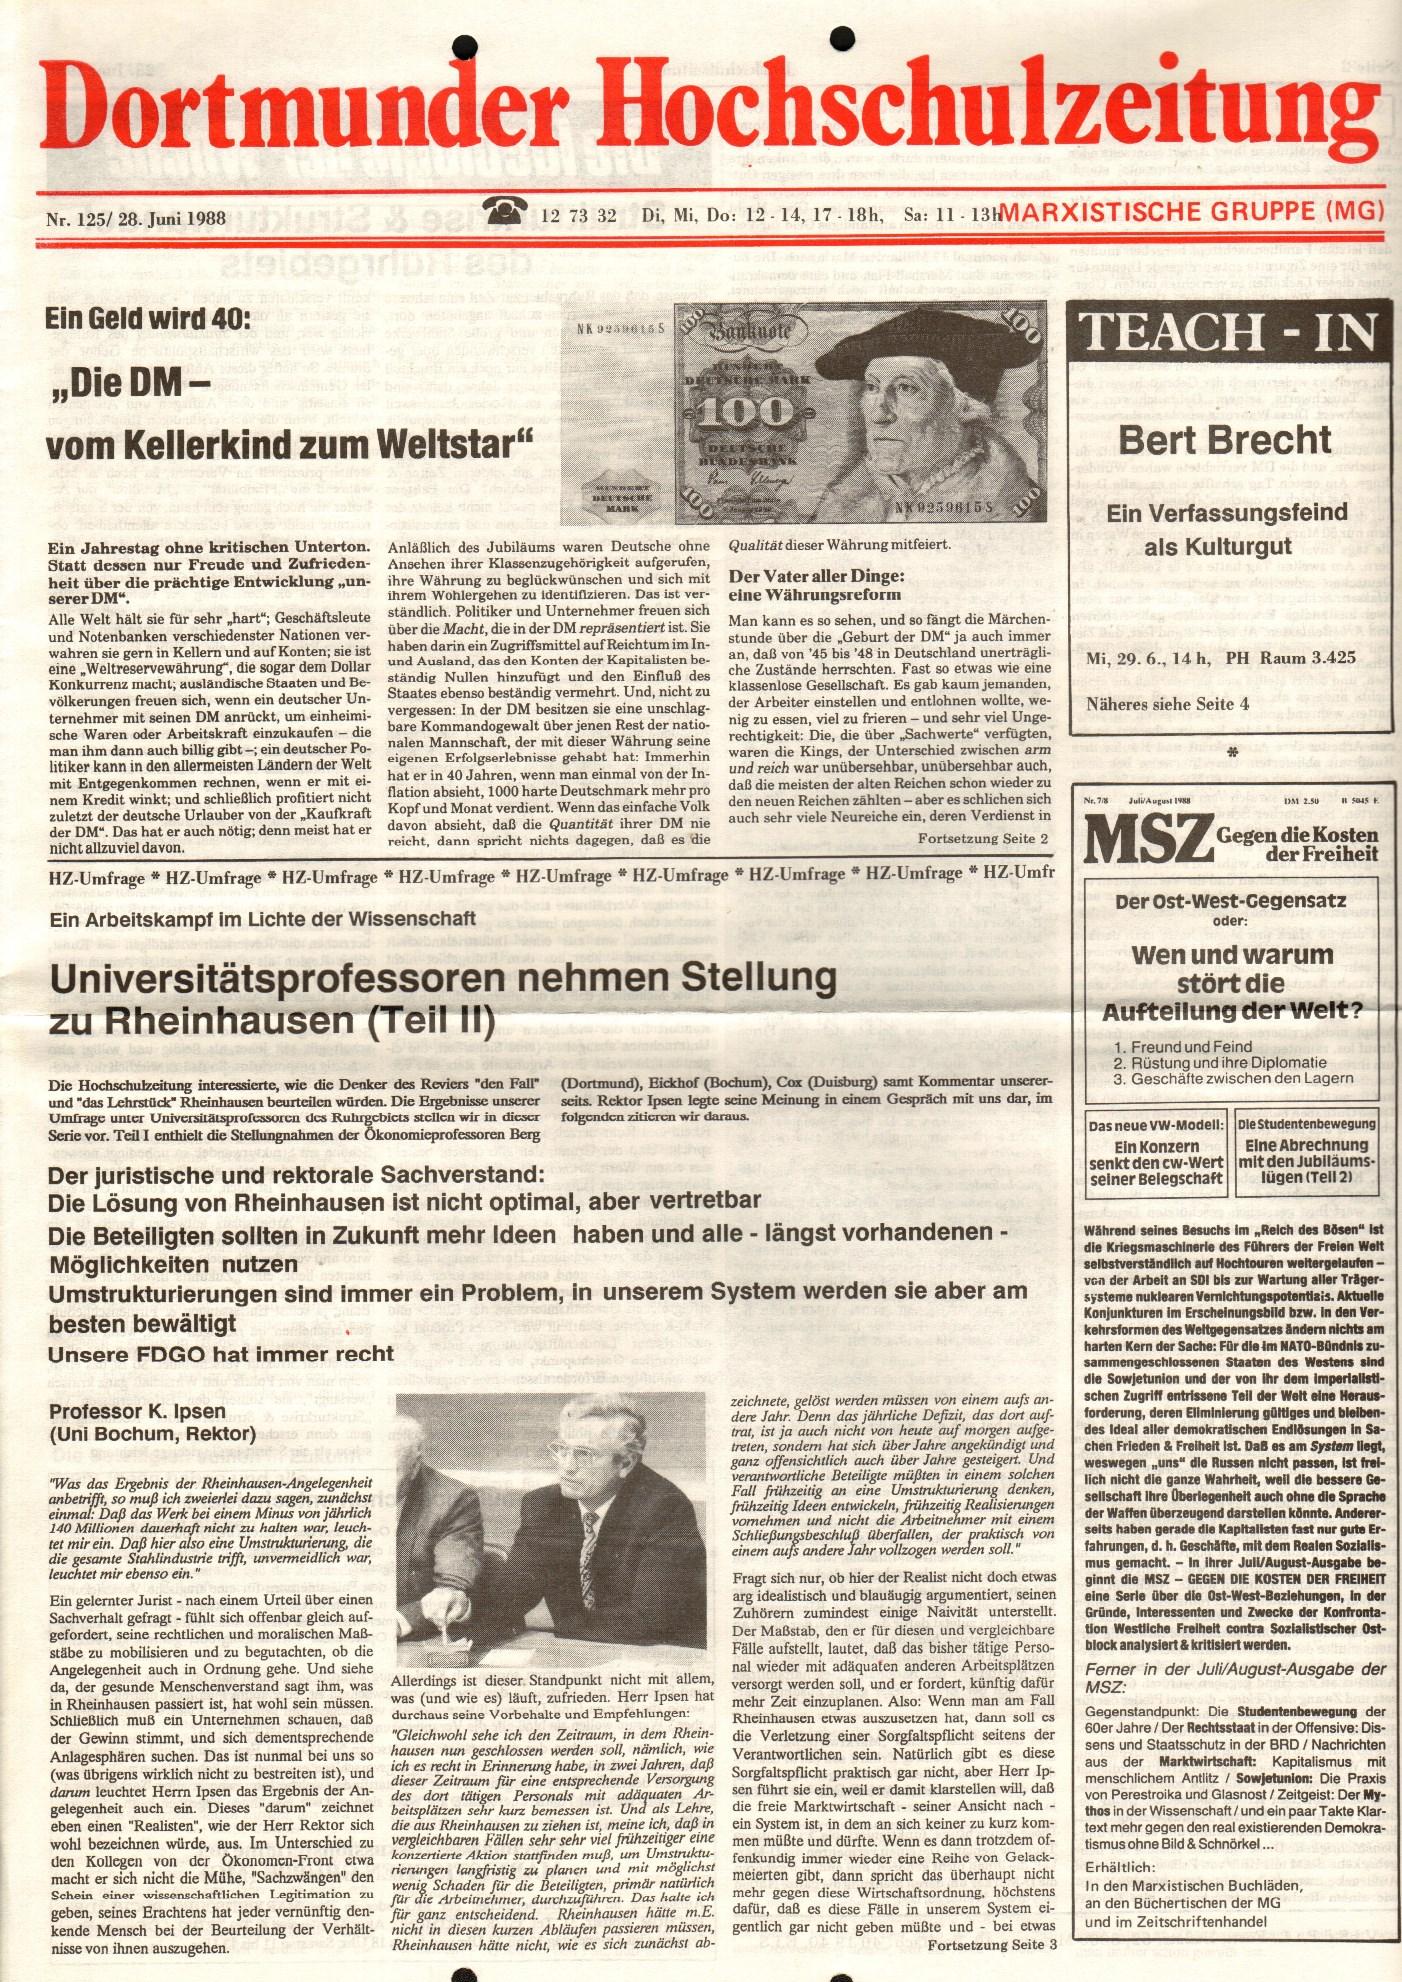 MG_Dortmunder_Hochschulzeitung_19880628_01